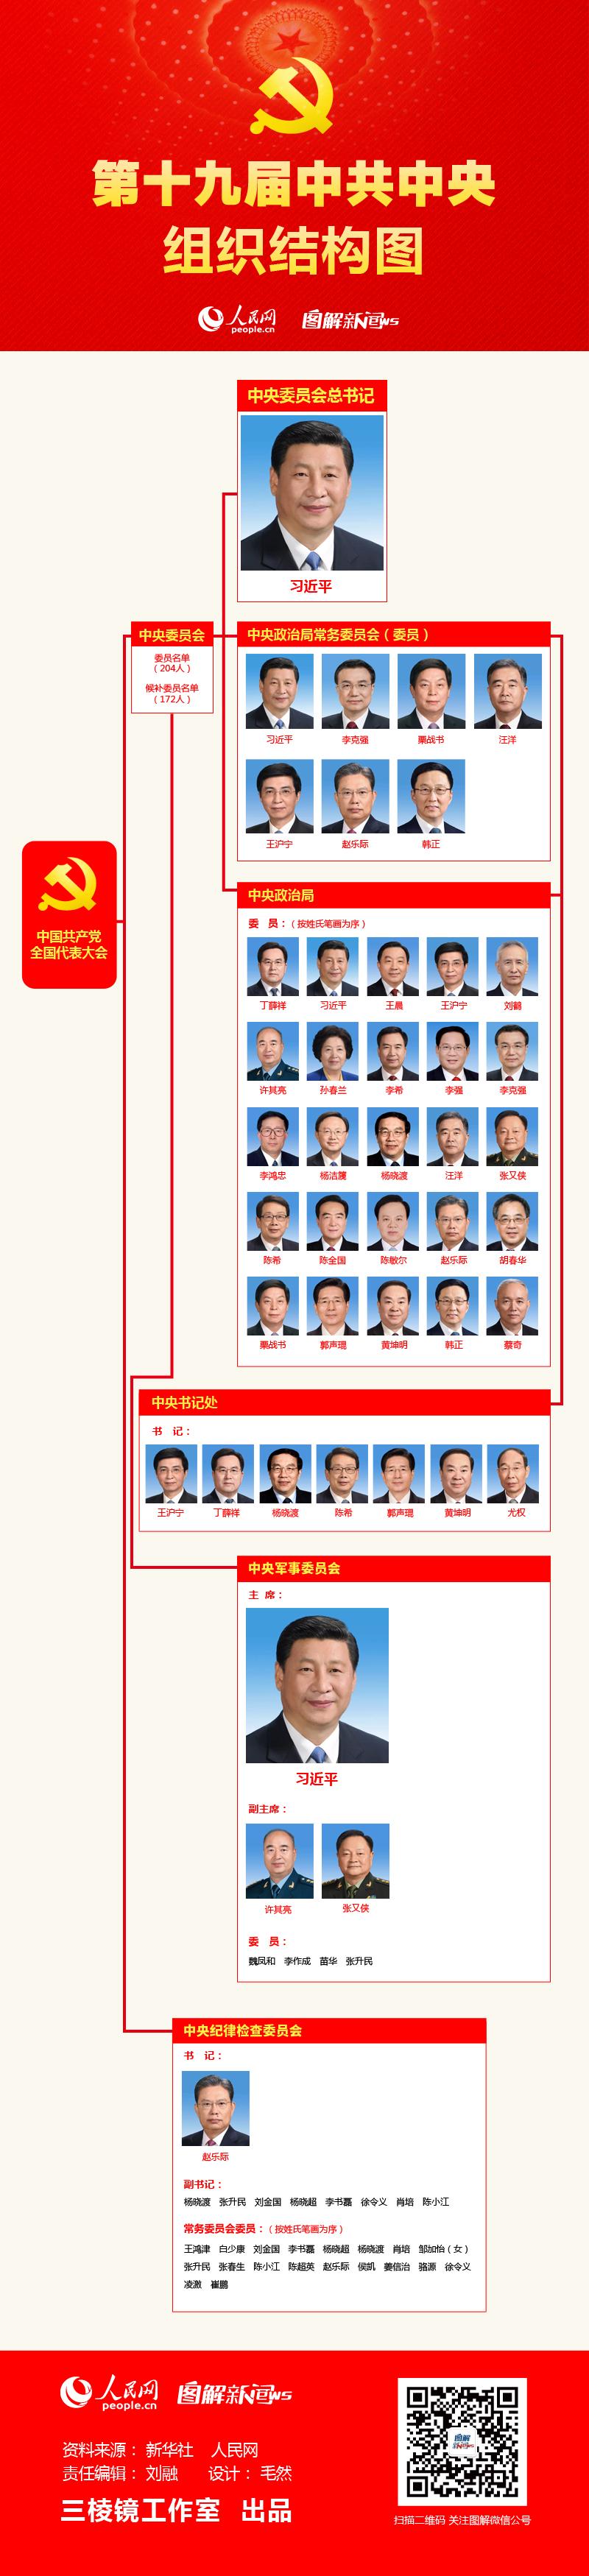 图解:第十九届中共中央组织结构图